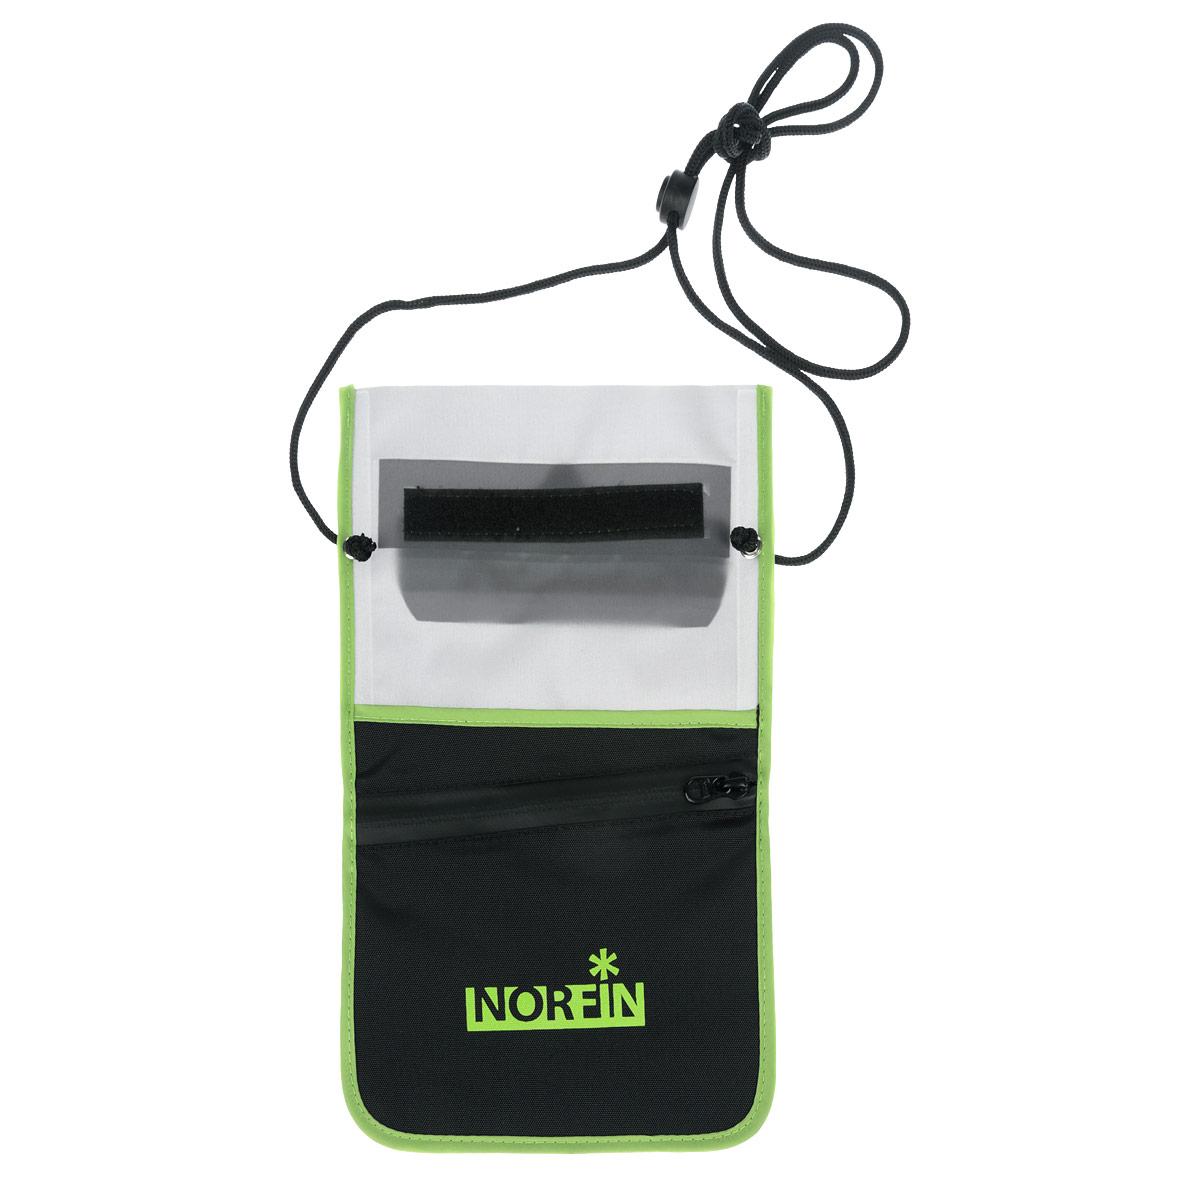 Гермочехол Norfin Dry Case 03, цвет: серый, черный, 28 см х 17 см37501Гермочехол нагрудный Norfin Dry Case 03 предназначен для защиты небольших предметов от воды: документы, телефон, планшет-мини. Особенности:Идеален для защиты планшетов-мини с размером диагонали до 7,9.Пленка гермочехла чувствительна к теплу рук, можно пользоваться планшетом не вынимая его из чехла.Два кармана на задней стороне сумки, один из которых с водонепроницаемой молнией.